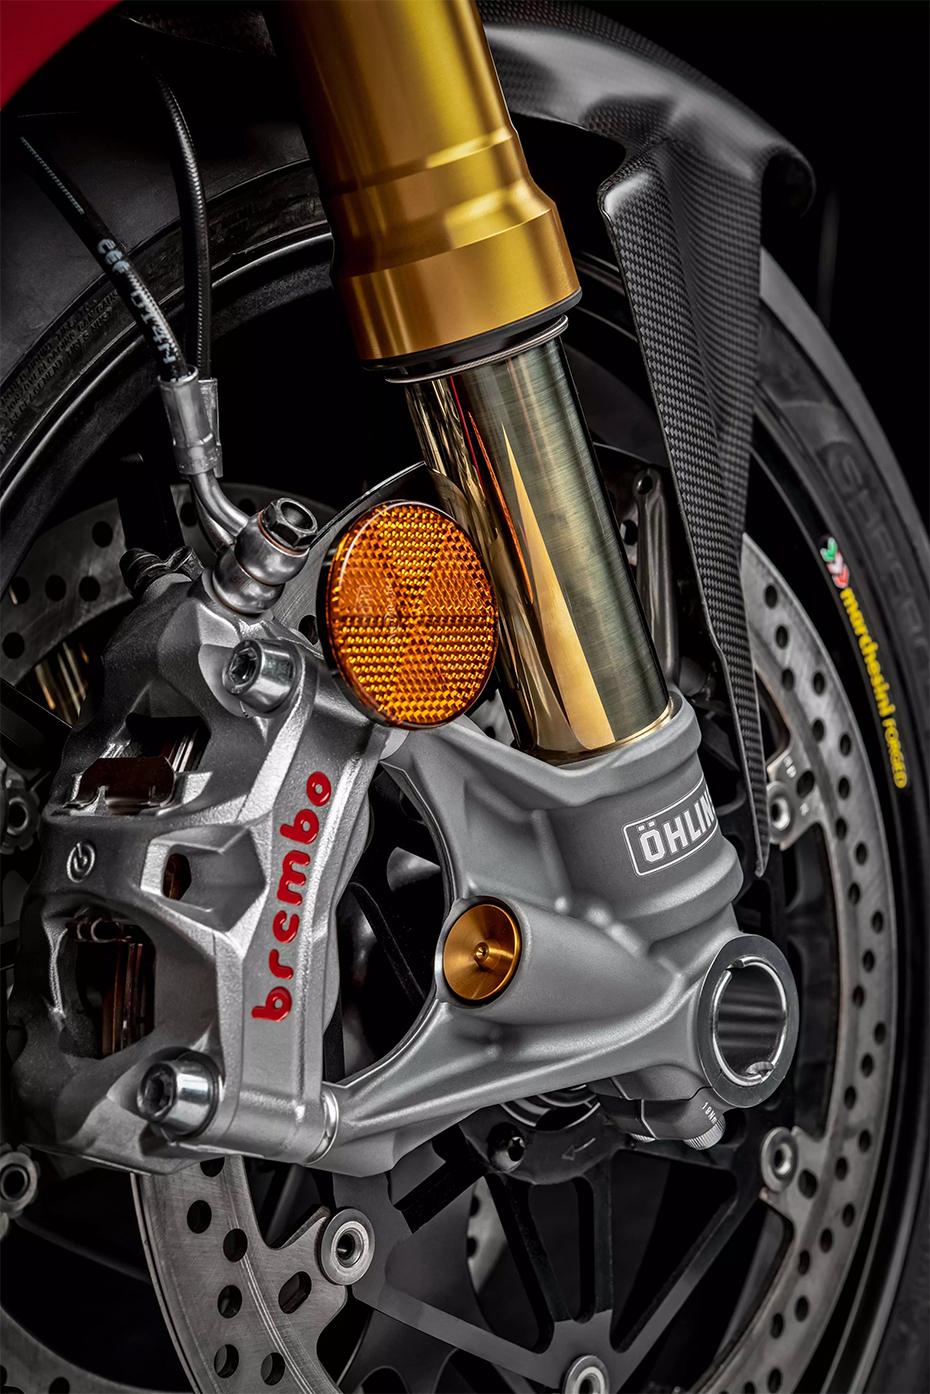 ระบบกันสะเทือนหน้า Ducati Panigale V4R